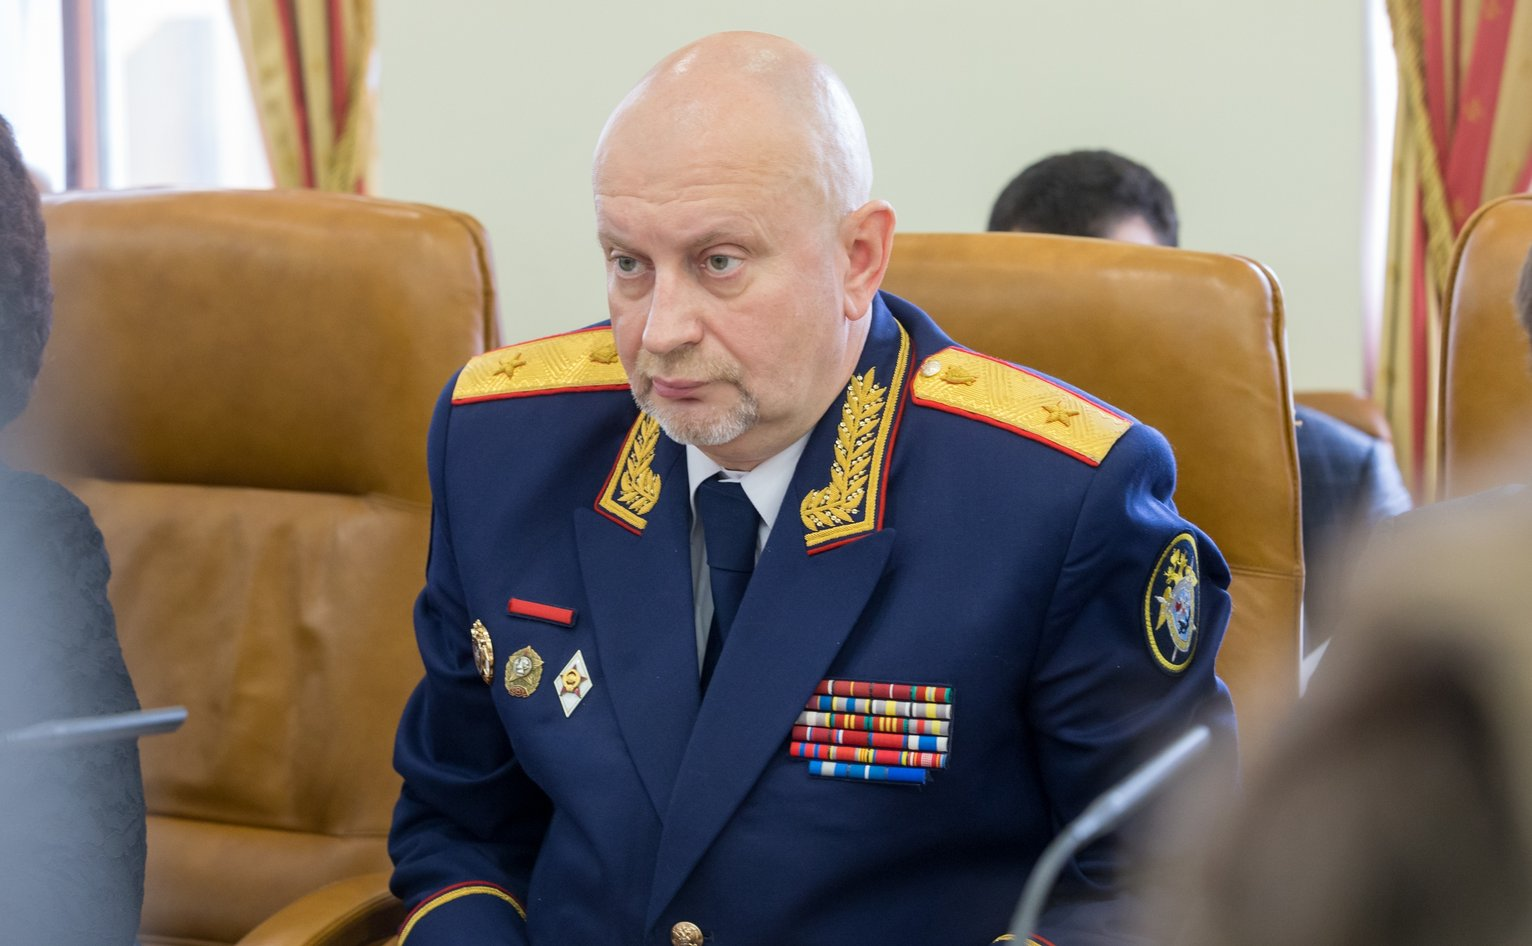 Генерал и депутат «подсели» на гуаровую камедь